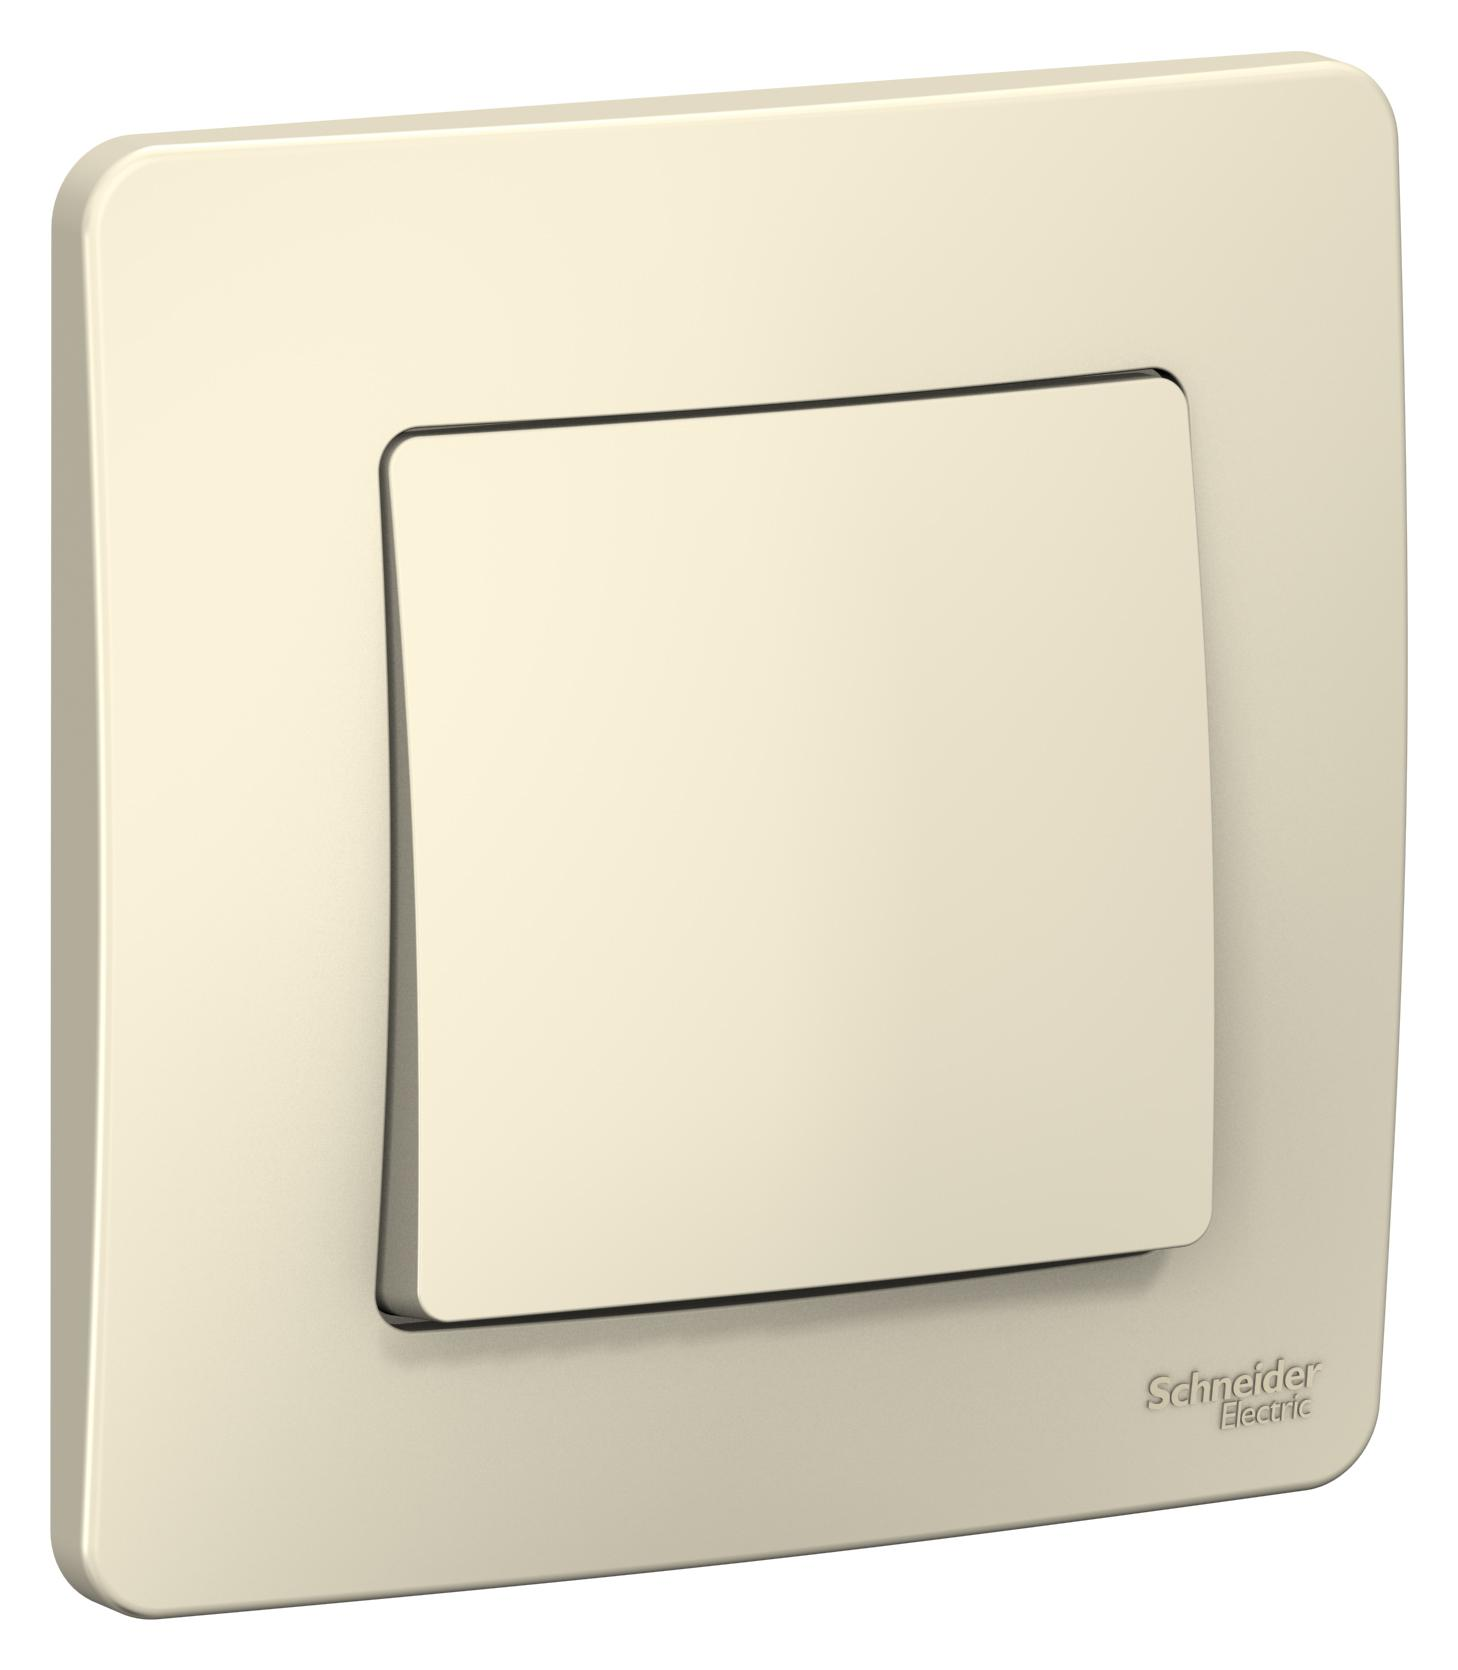 Выключатель Schneider electric Blnvs010102 blanca выключатель schneider electric blnva101013 blanca